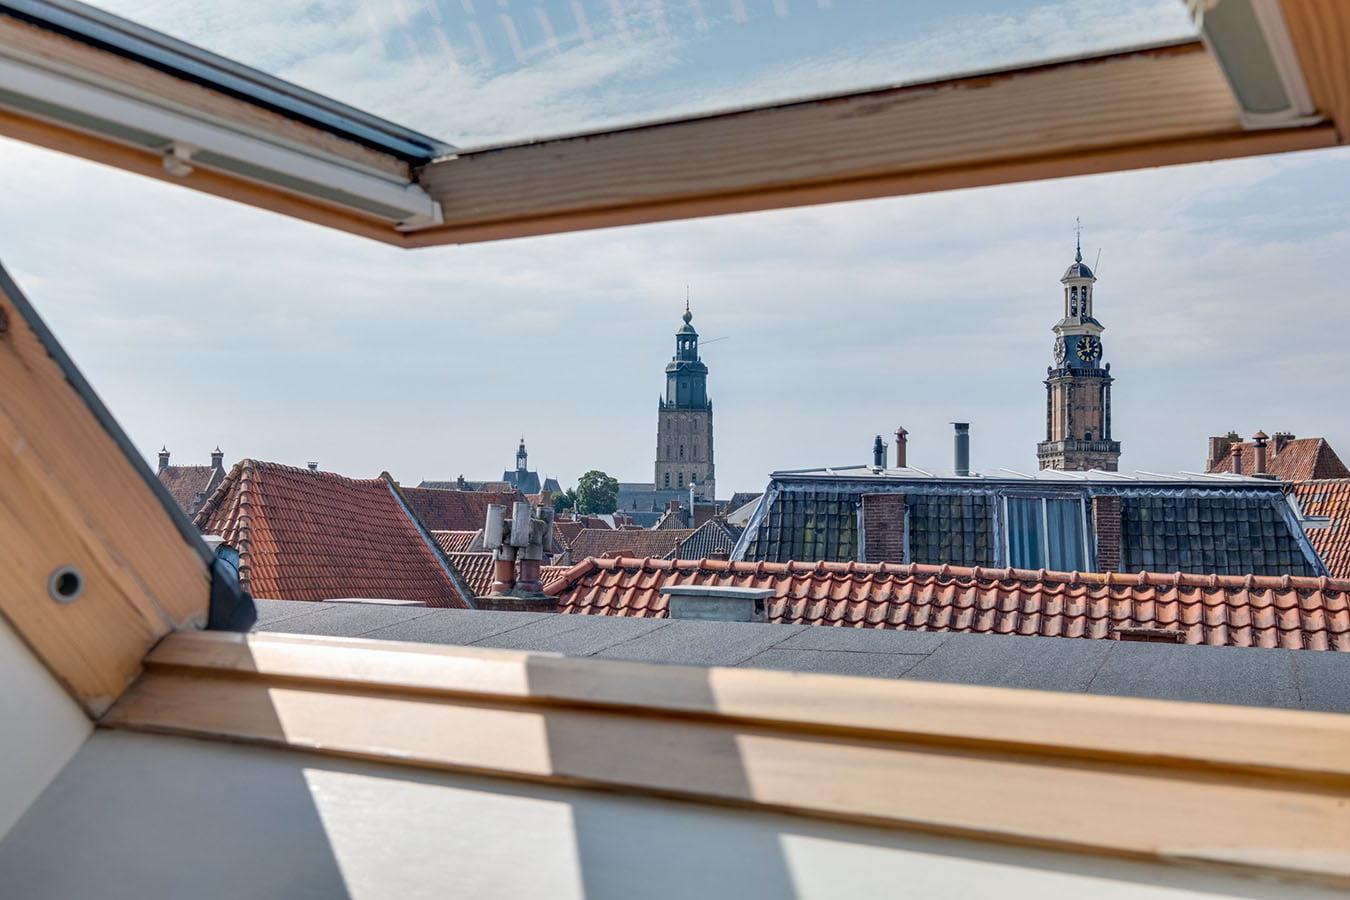 uitzicht uit een dakraam